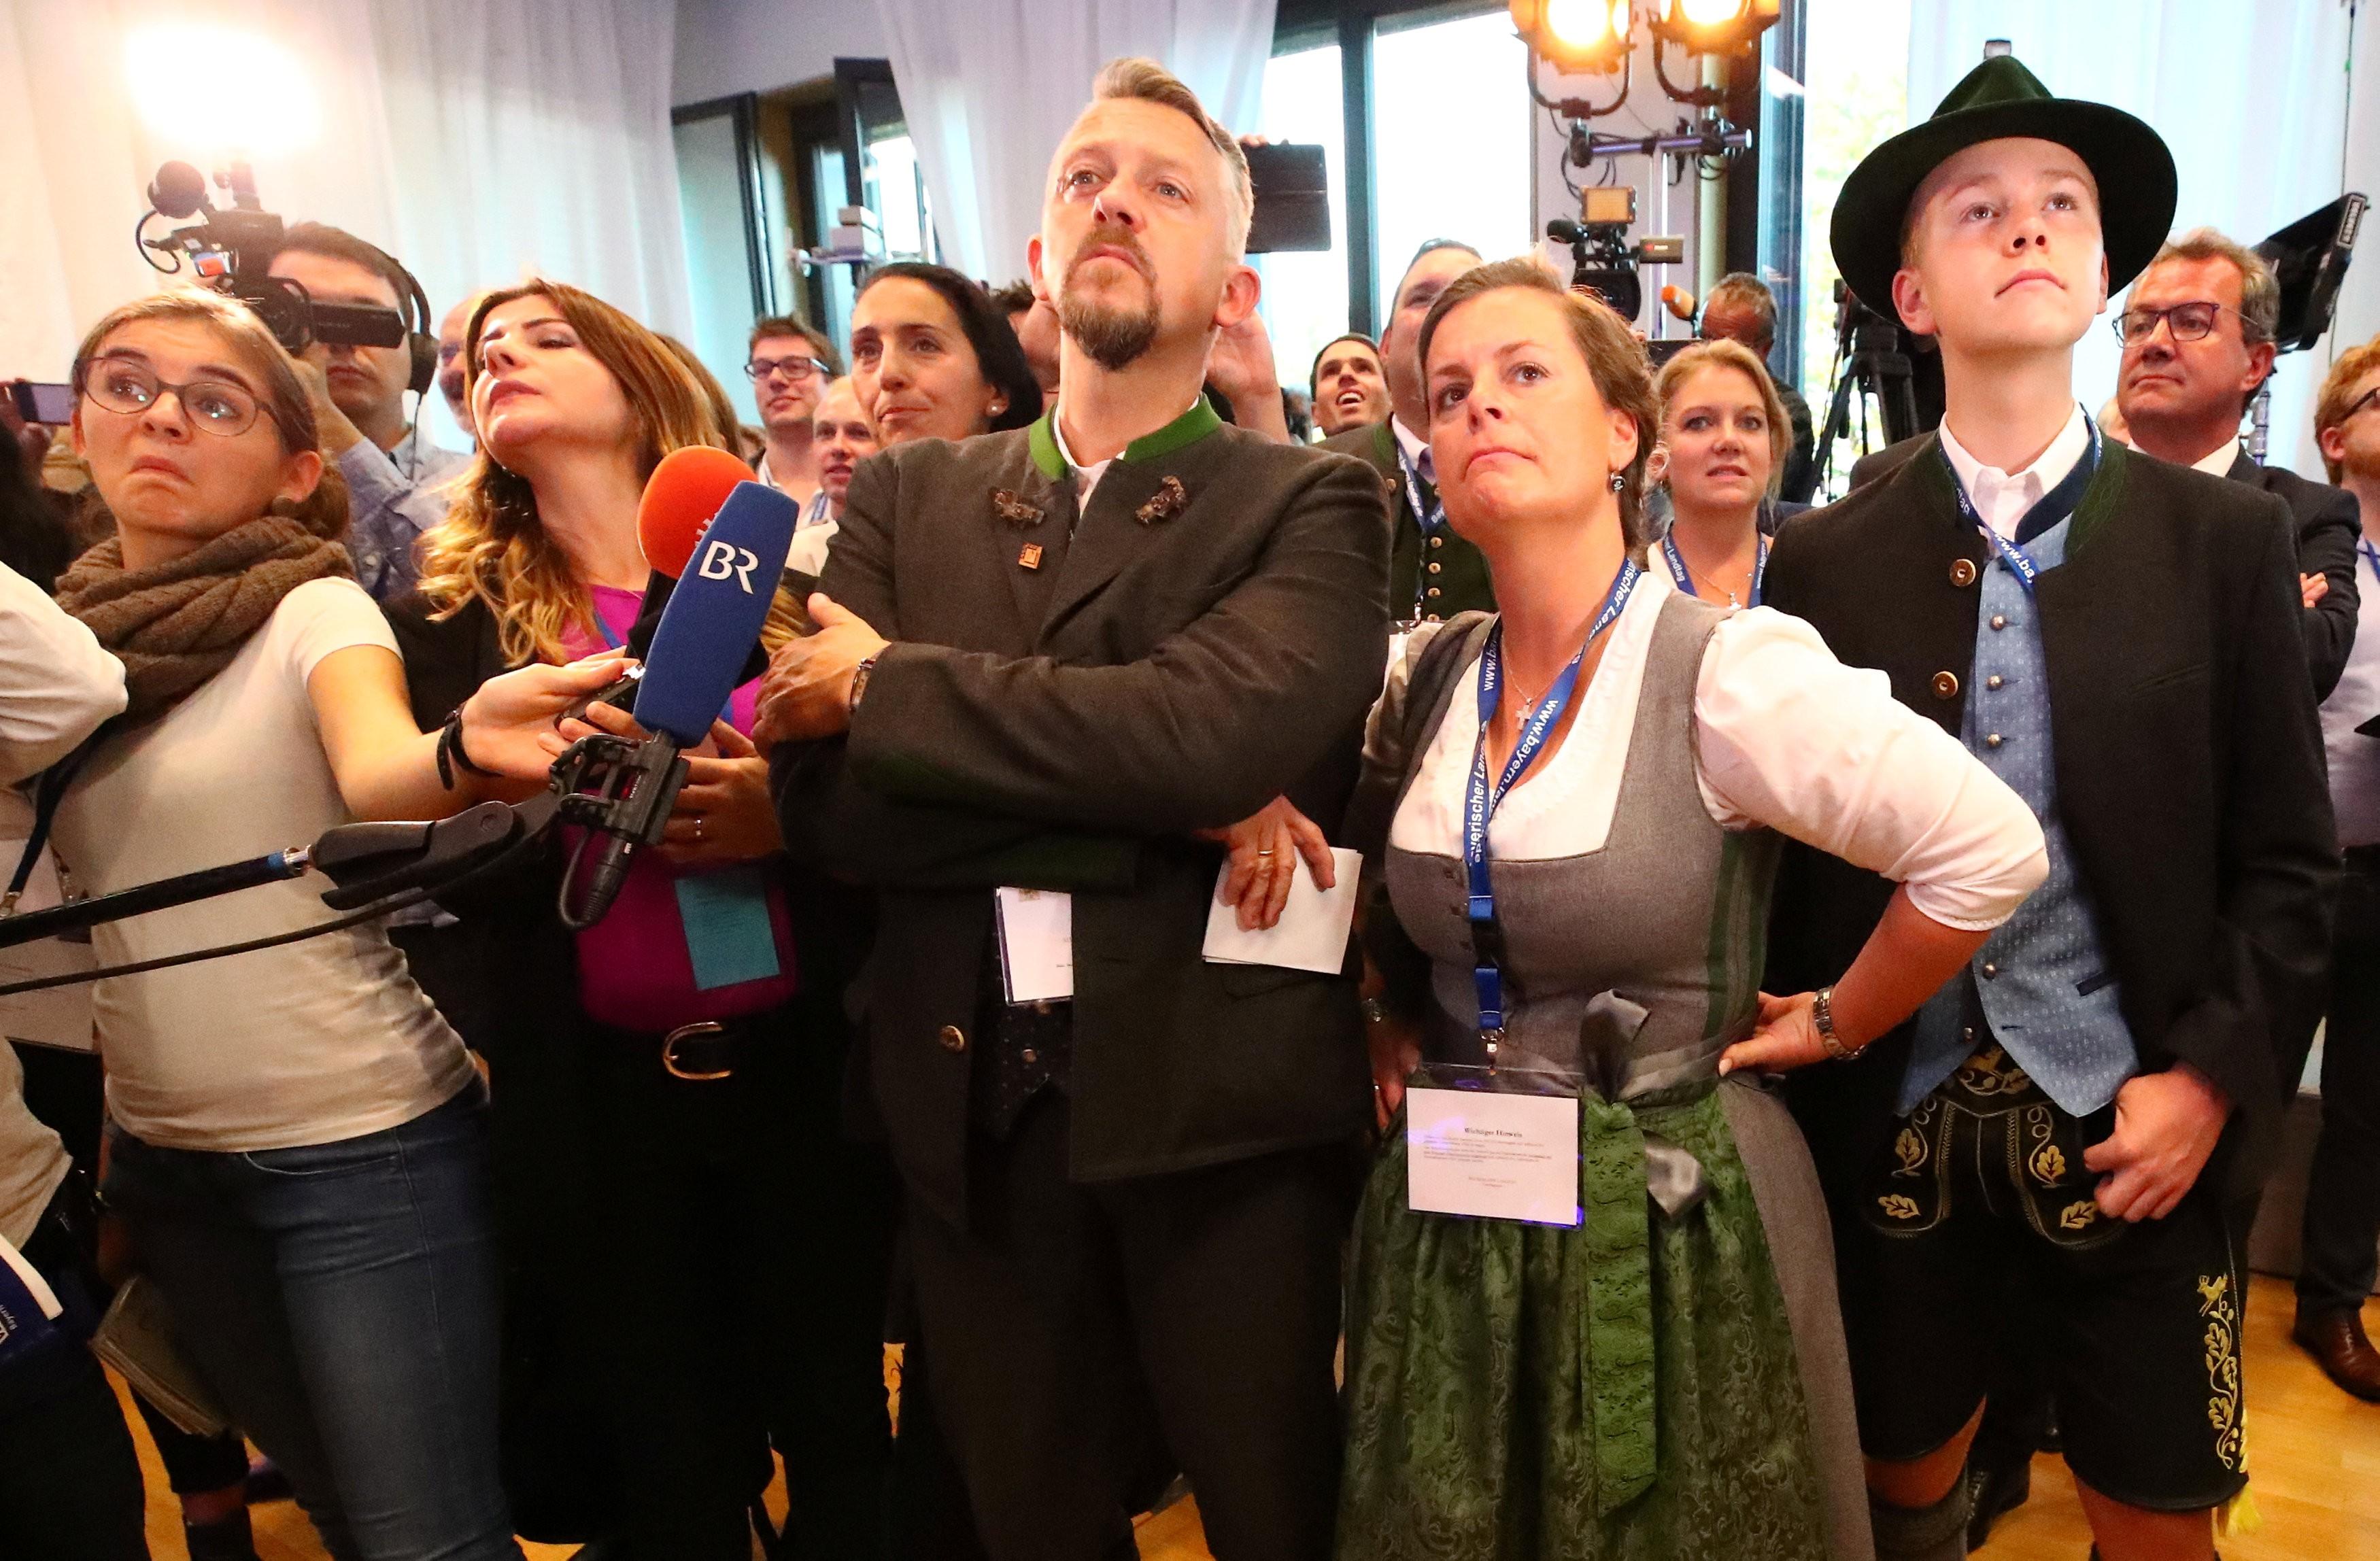 Partido aliado de Merkel perde maioria absoluta no Parlamento da Baviera, aponta boca de urna